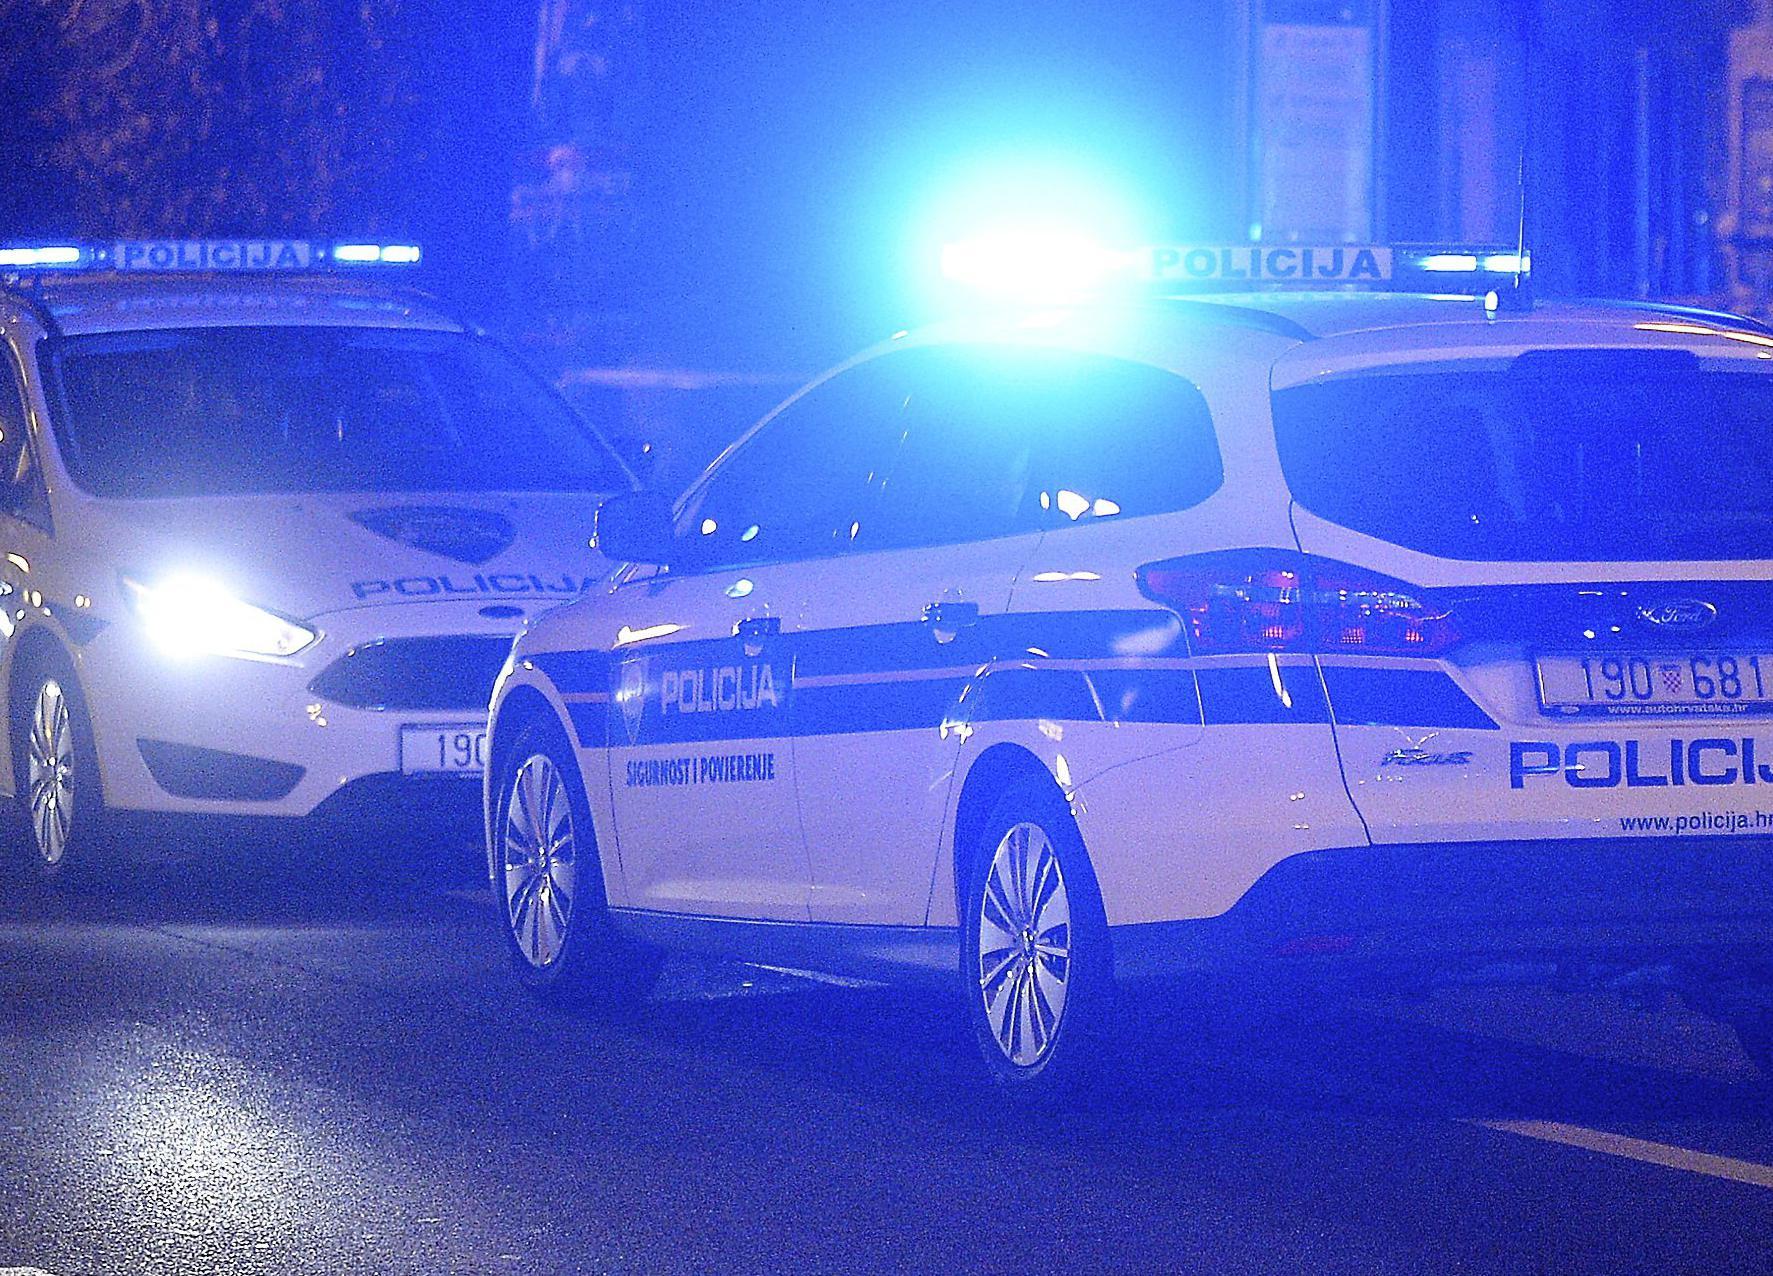 Incident ispred Doma u Vukovarskoj: korpulentni policajac poput šerifa s Divljeg zapada 'upao' novinarki i ekipi HTV-a usred javljanja uživo!